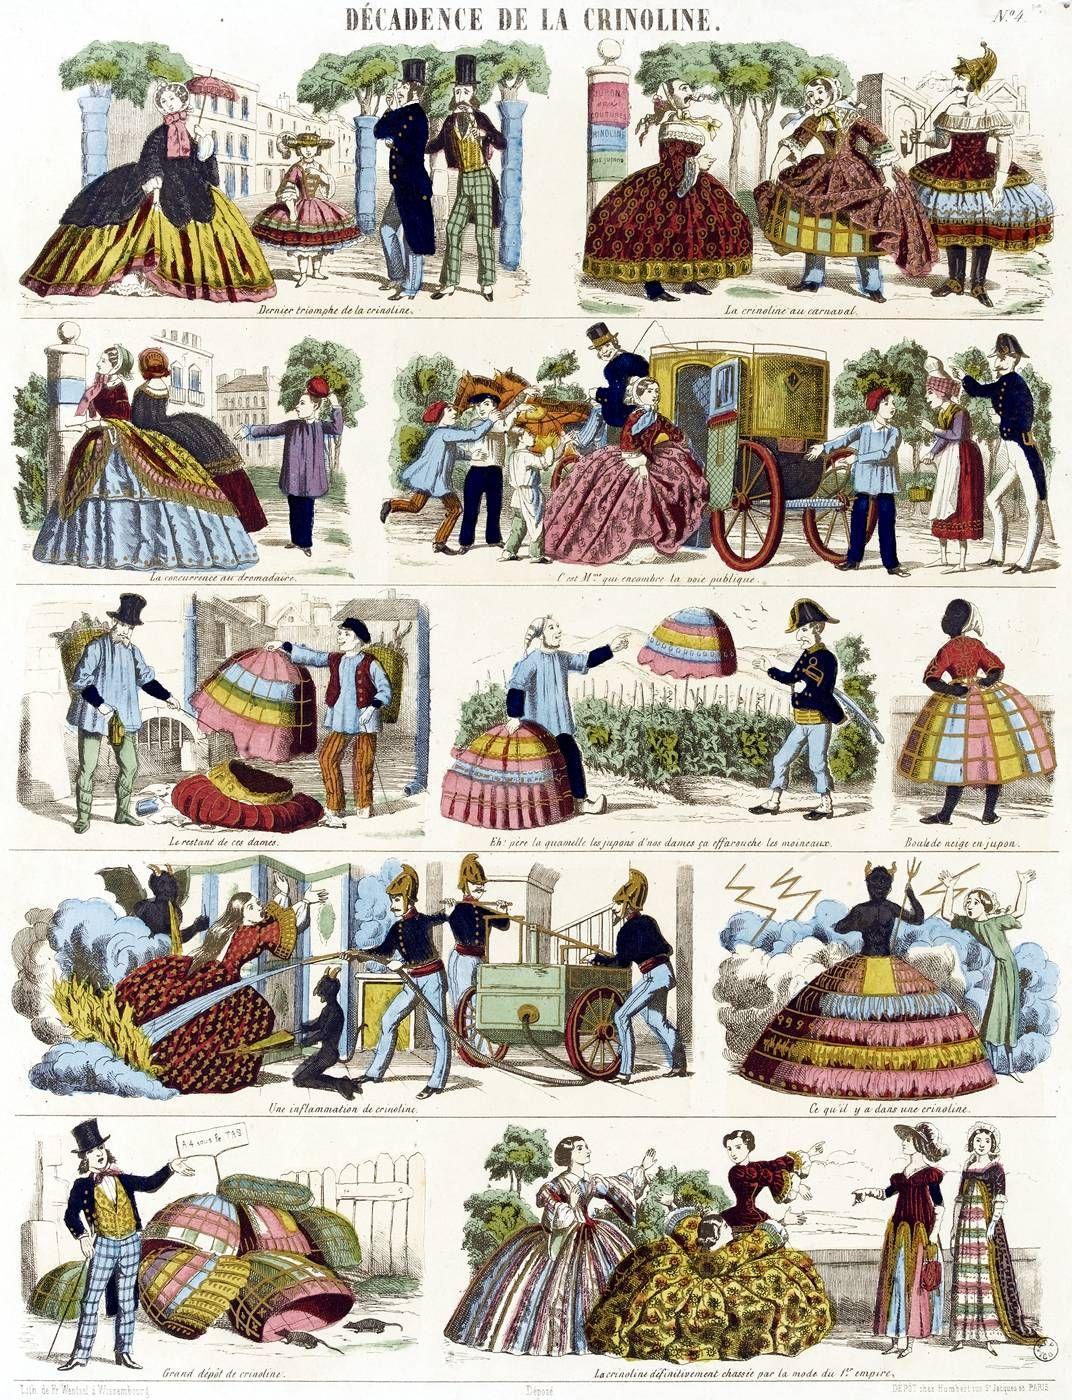 la crinoline dans tous ses états 1850 - caricature anonyme